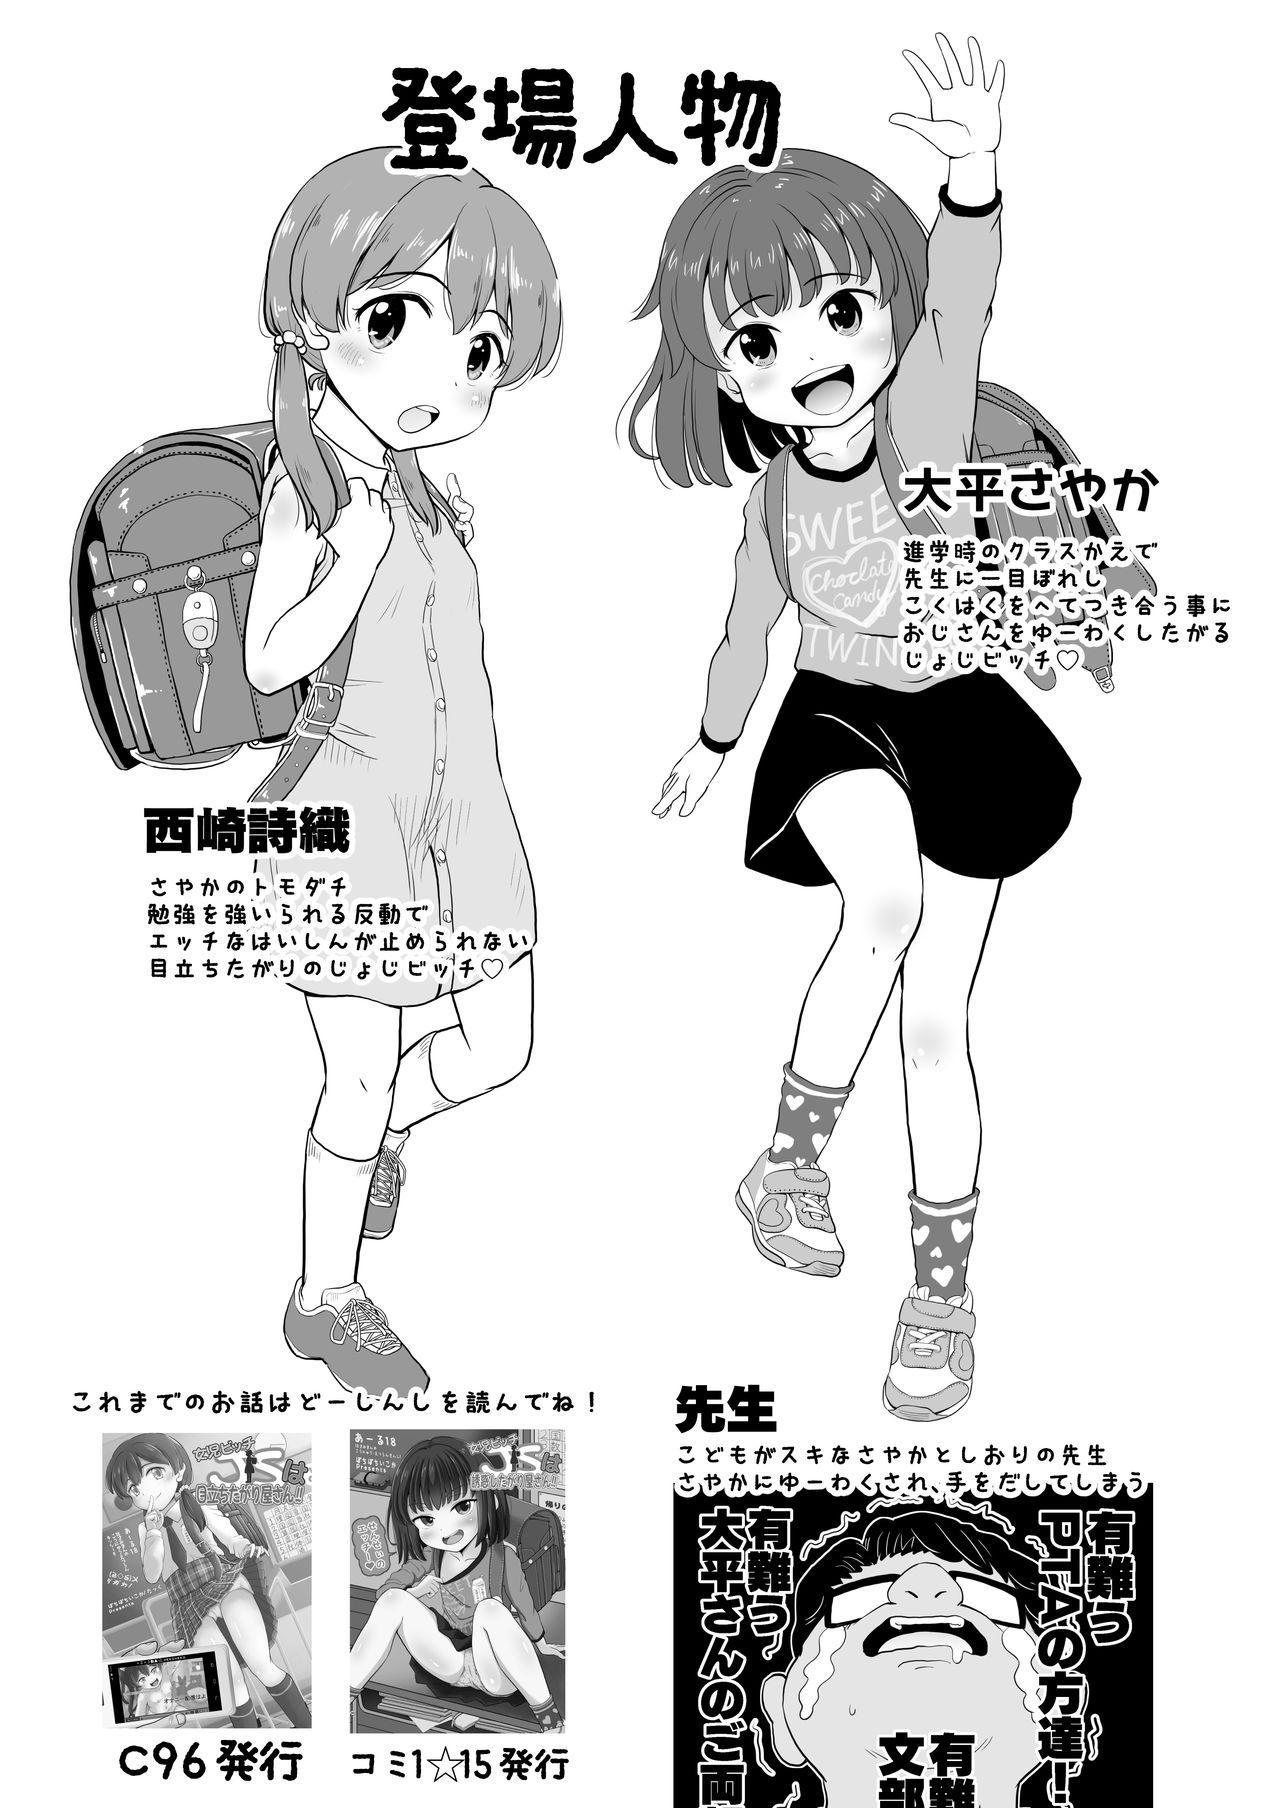 Joji Bitch JS no Natsuyasumi 2